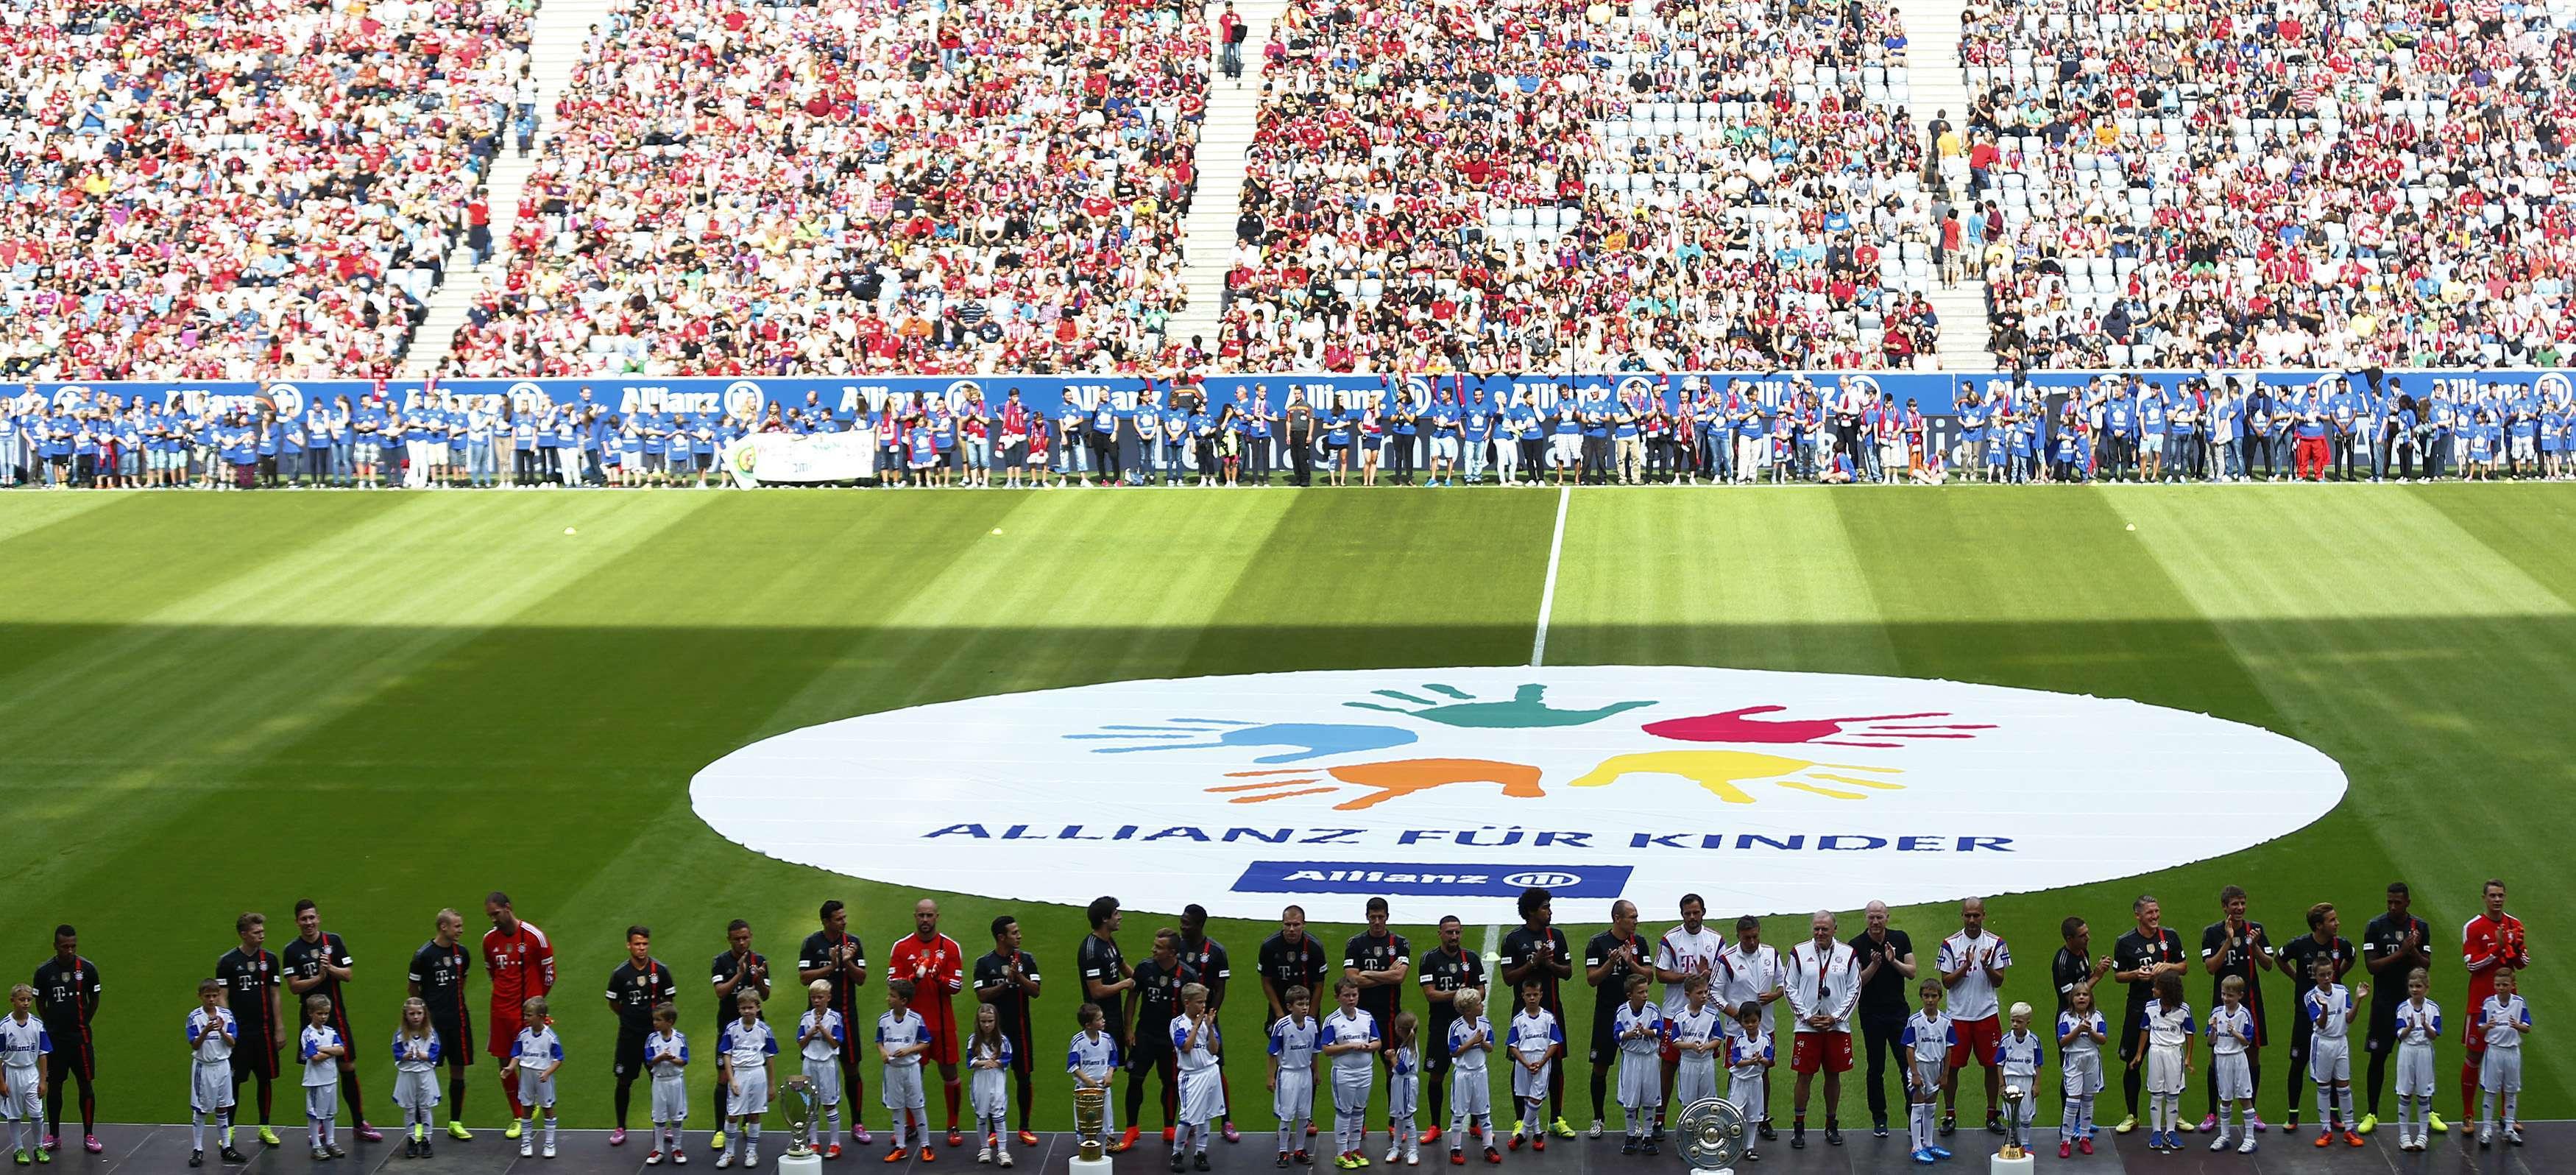 Com estádio lotado, Bayern apresenta elenco para temporada